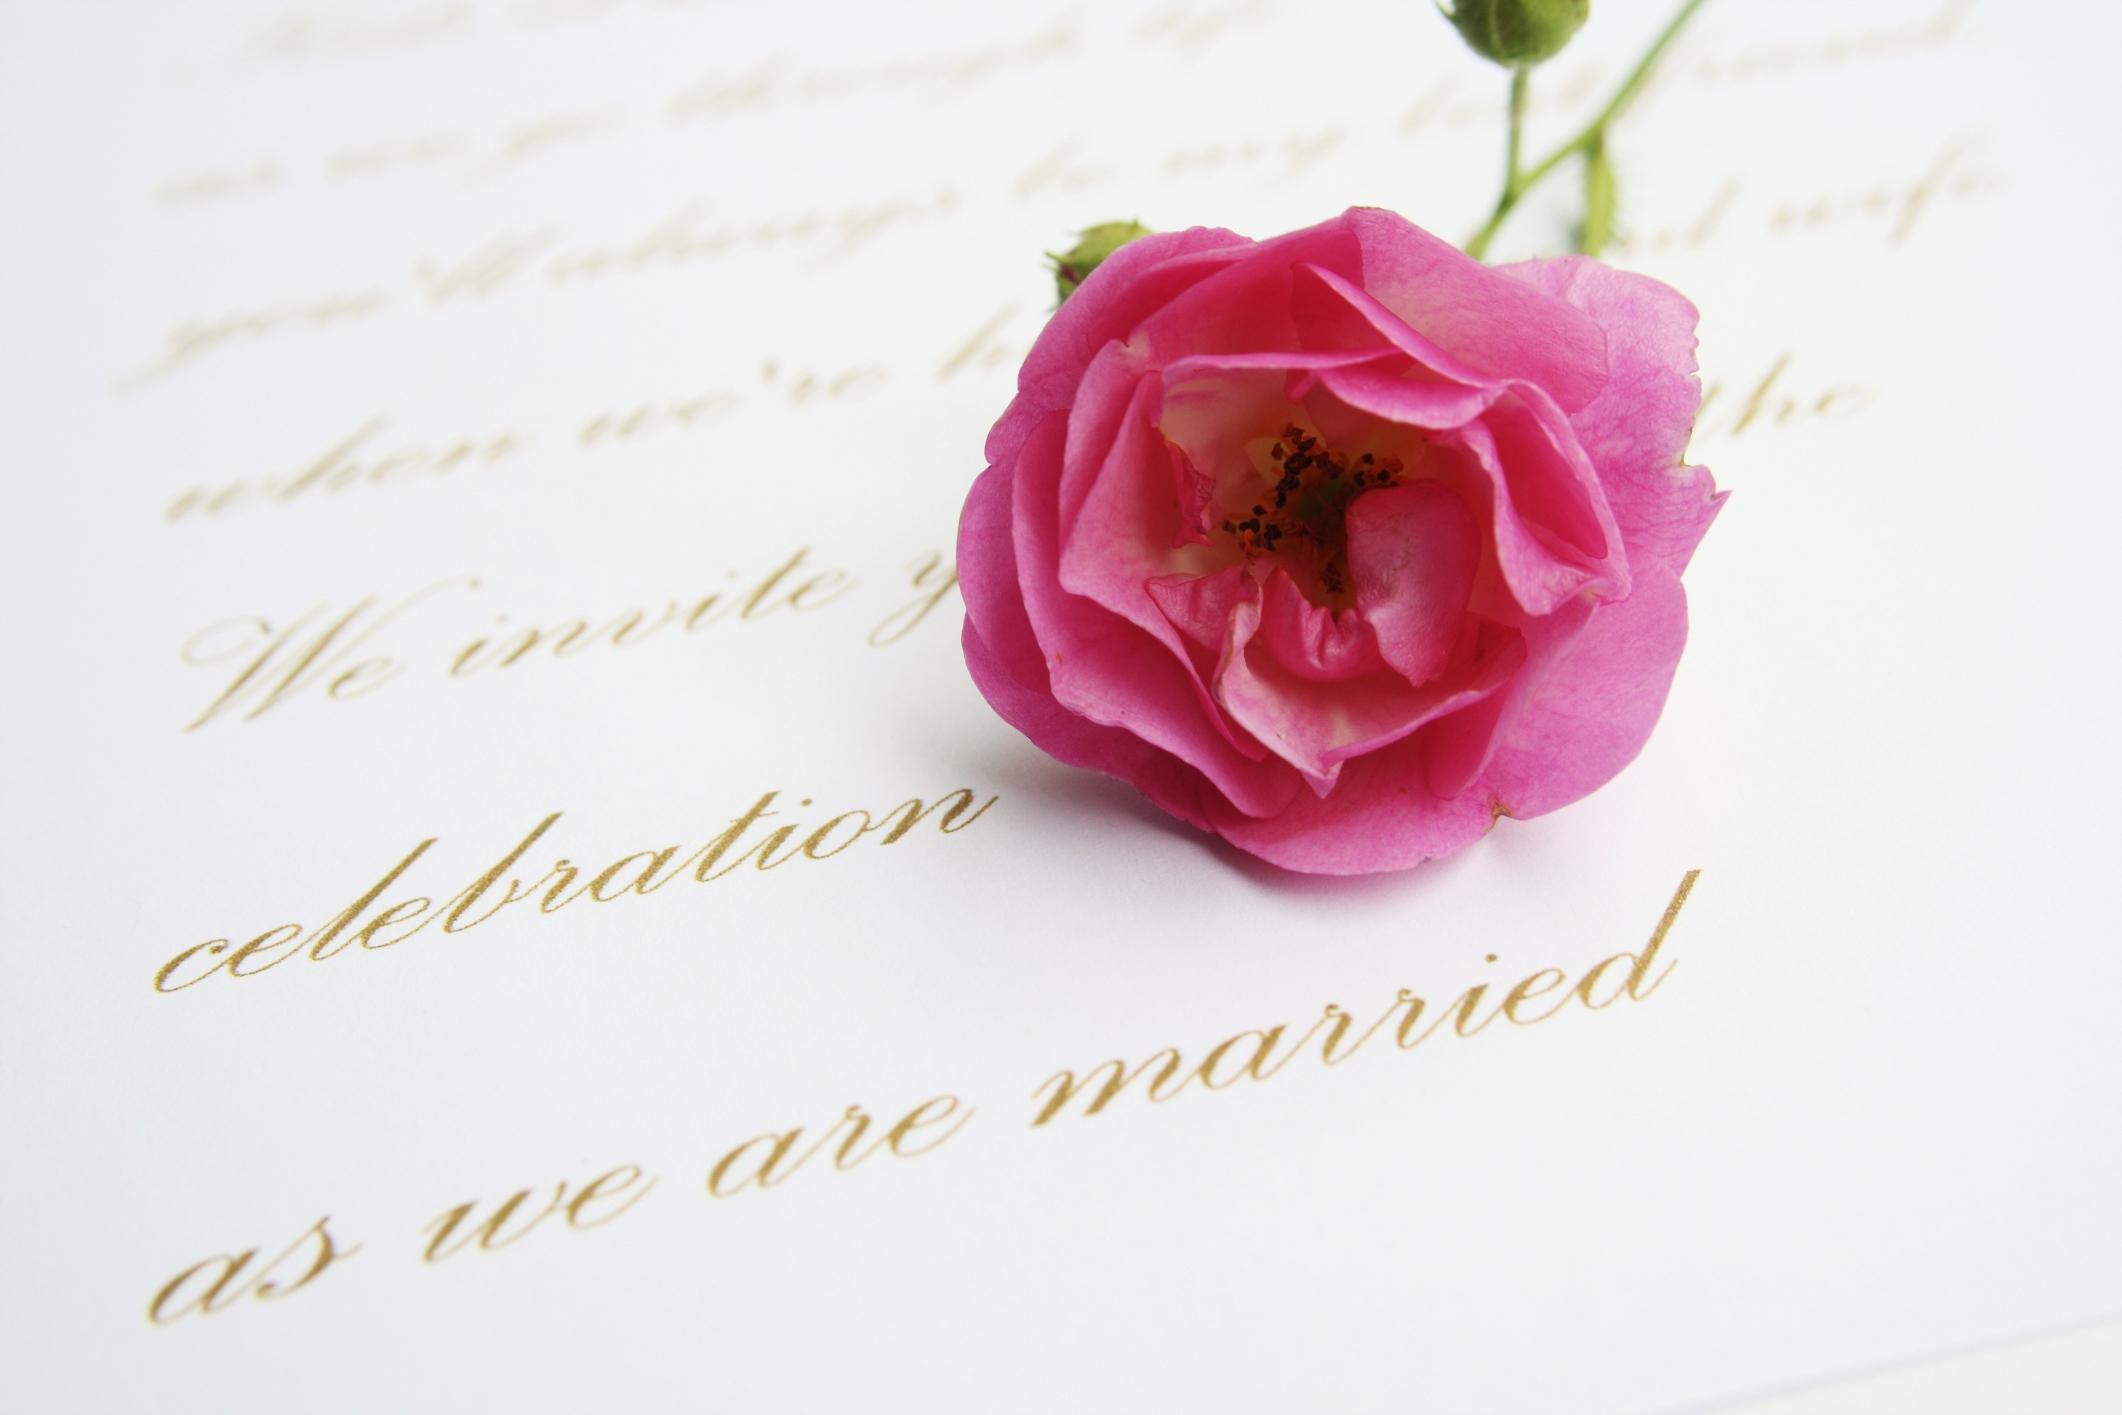 Wedding readings - Articles - Easy Weddings